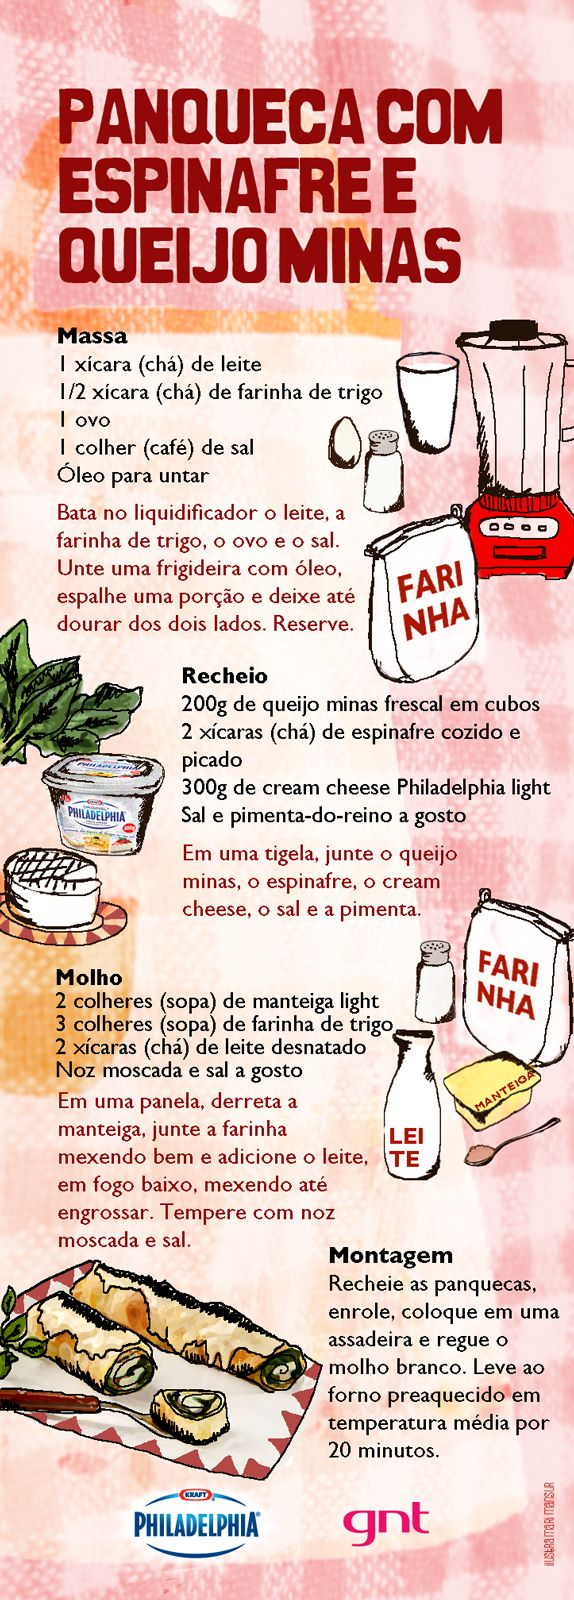 Panqueca de espinafre e queijo minas - Receitas - Receitas GNT